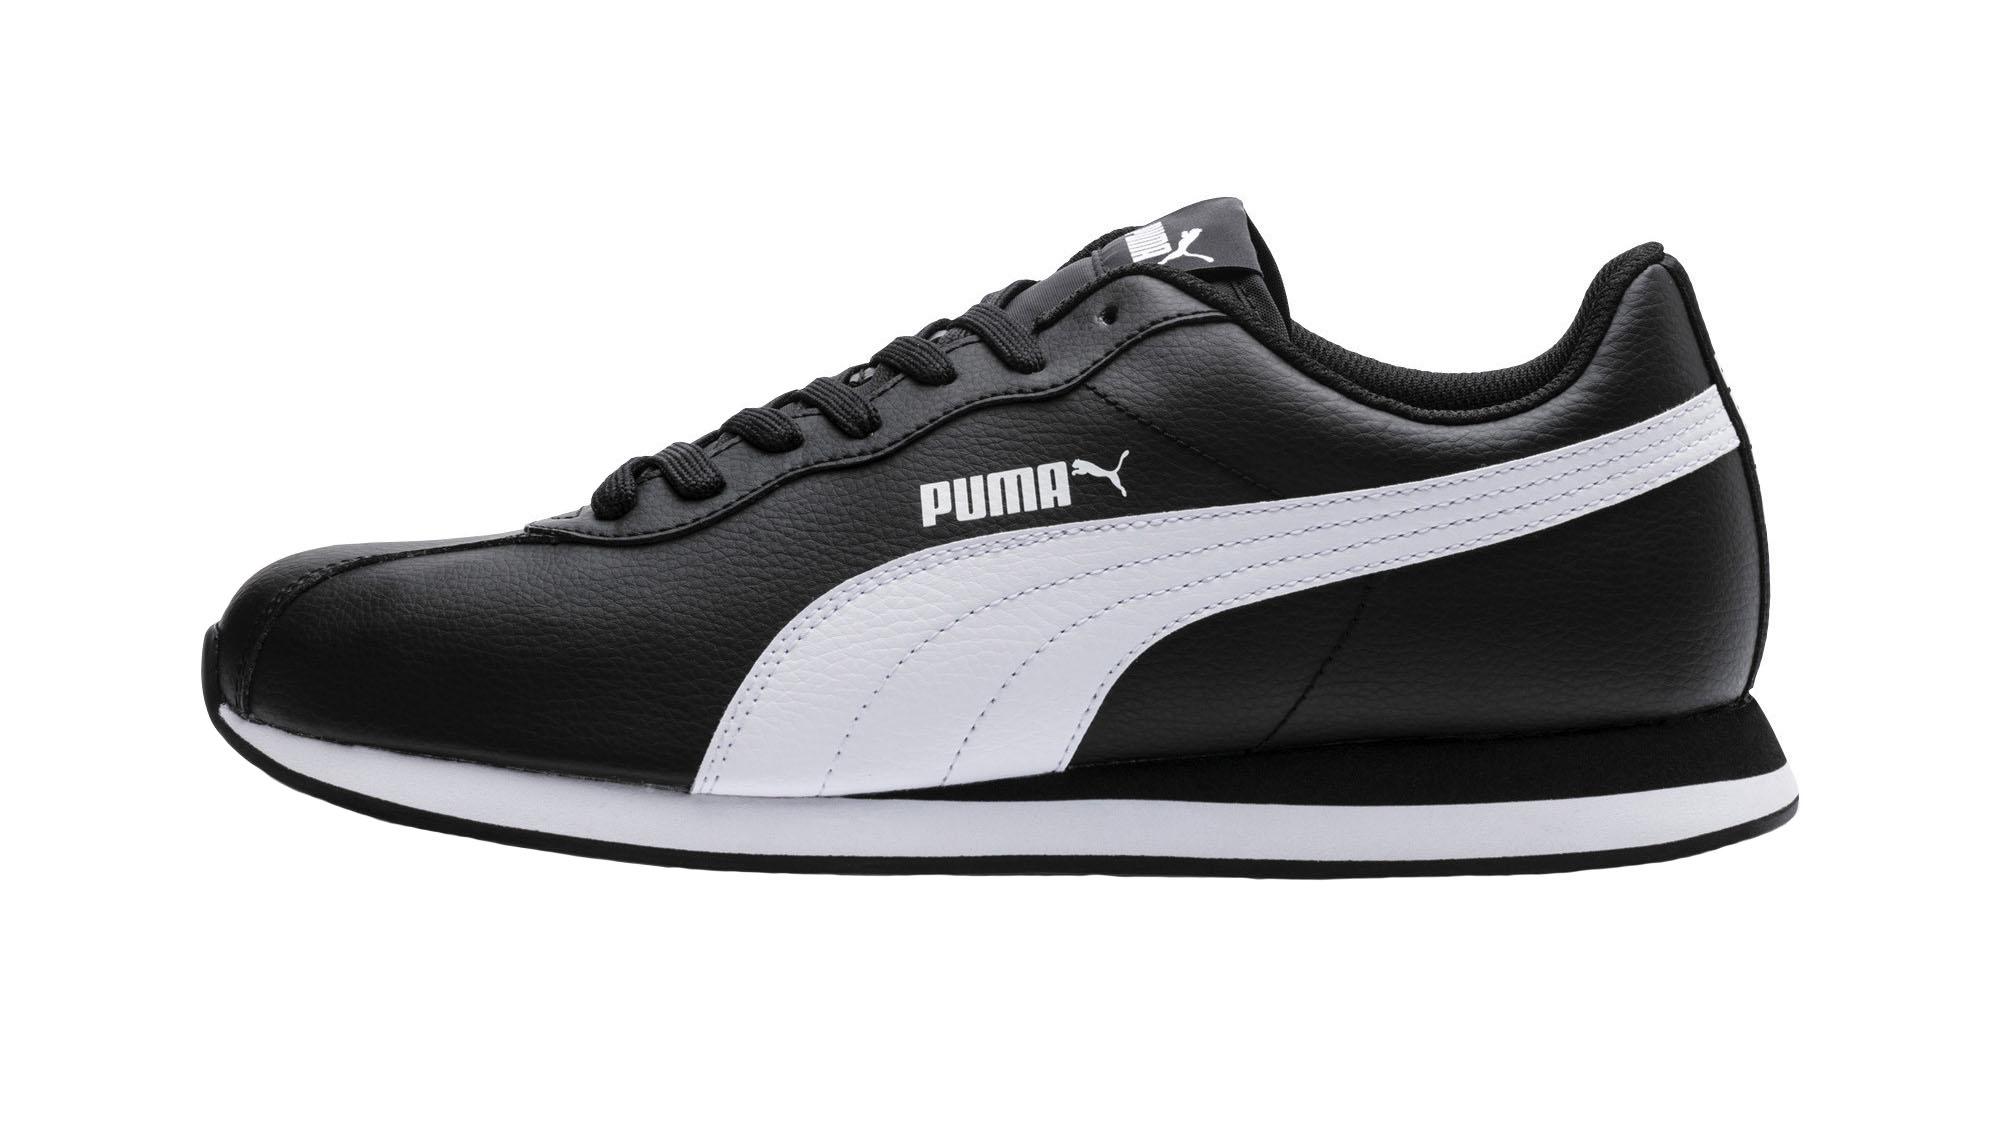 Кроссовки Puma Puma Turin II, black/white, 10 UK фото